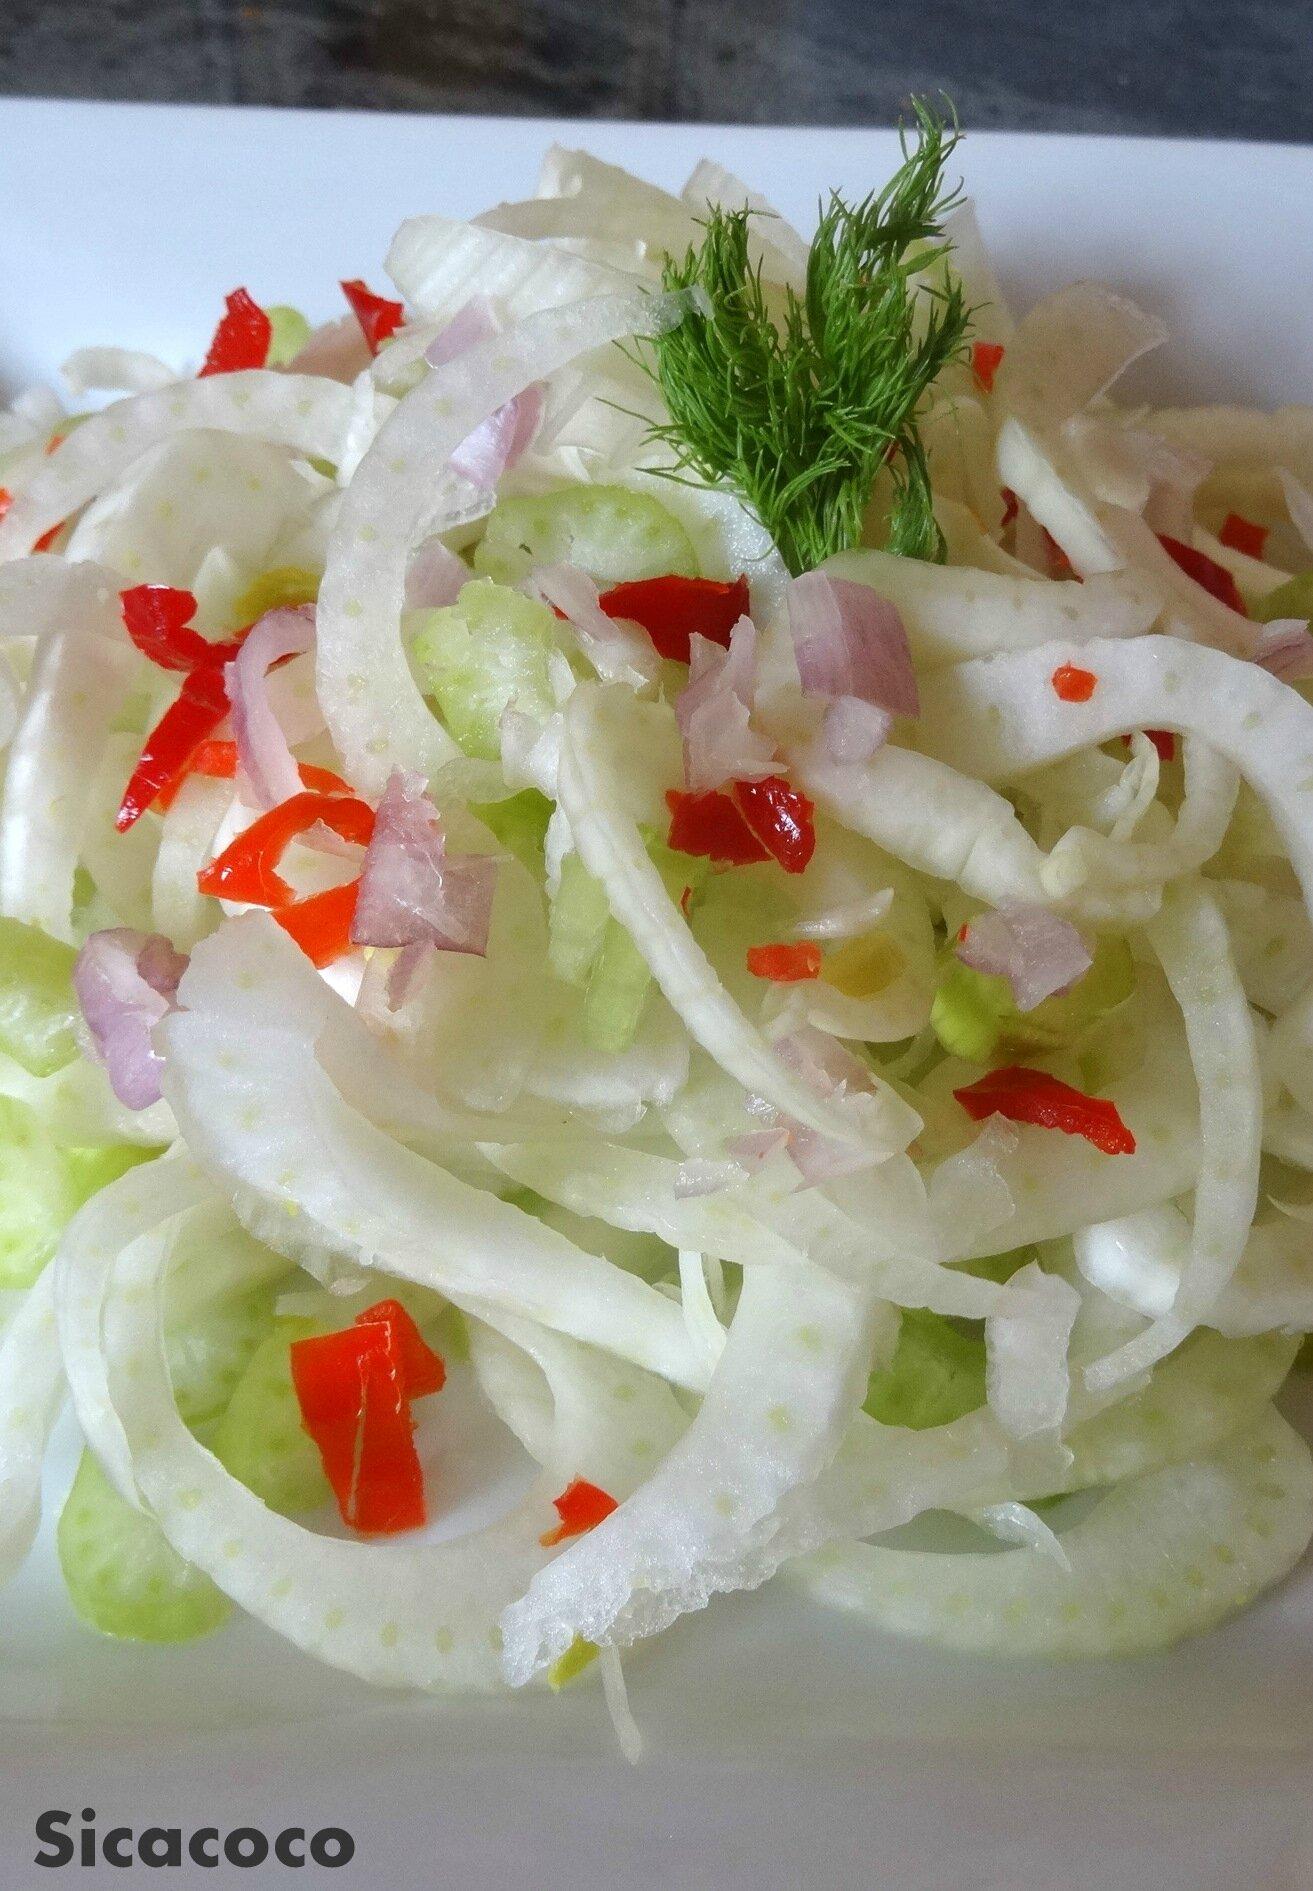 Salade de fenouil croquante et celeri les carnets de sicacoco - Que faire avec les feuilles de celeri ...